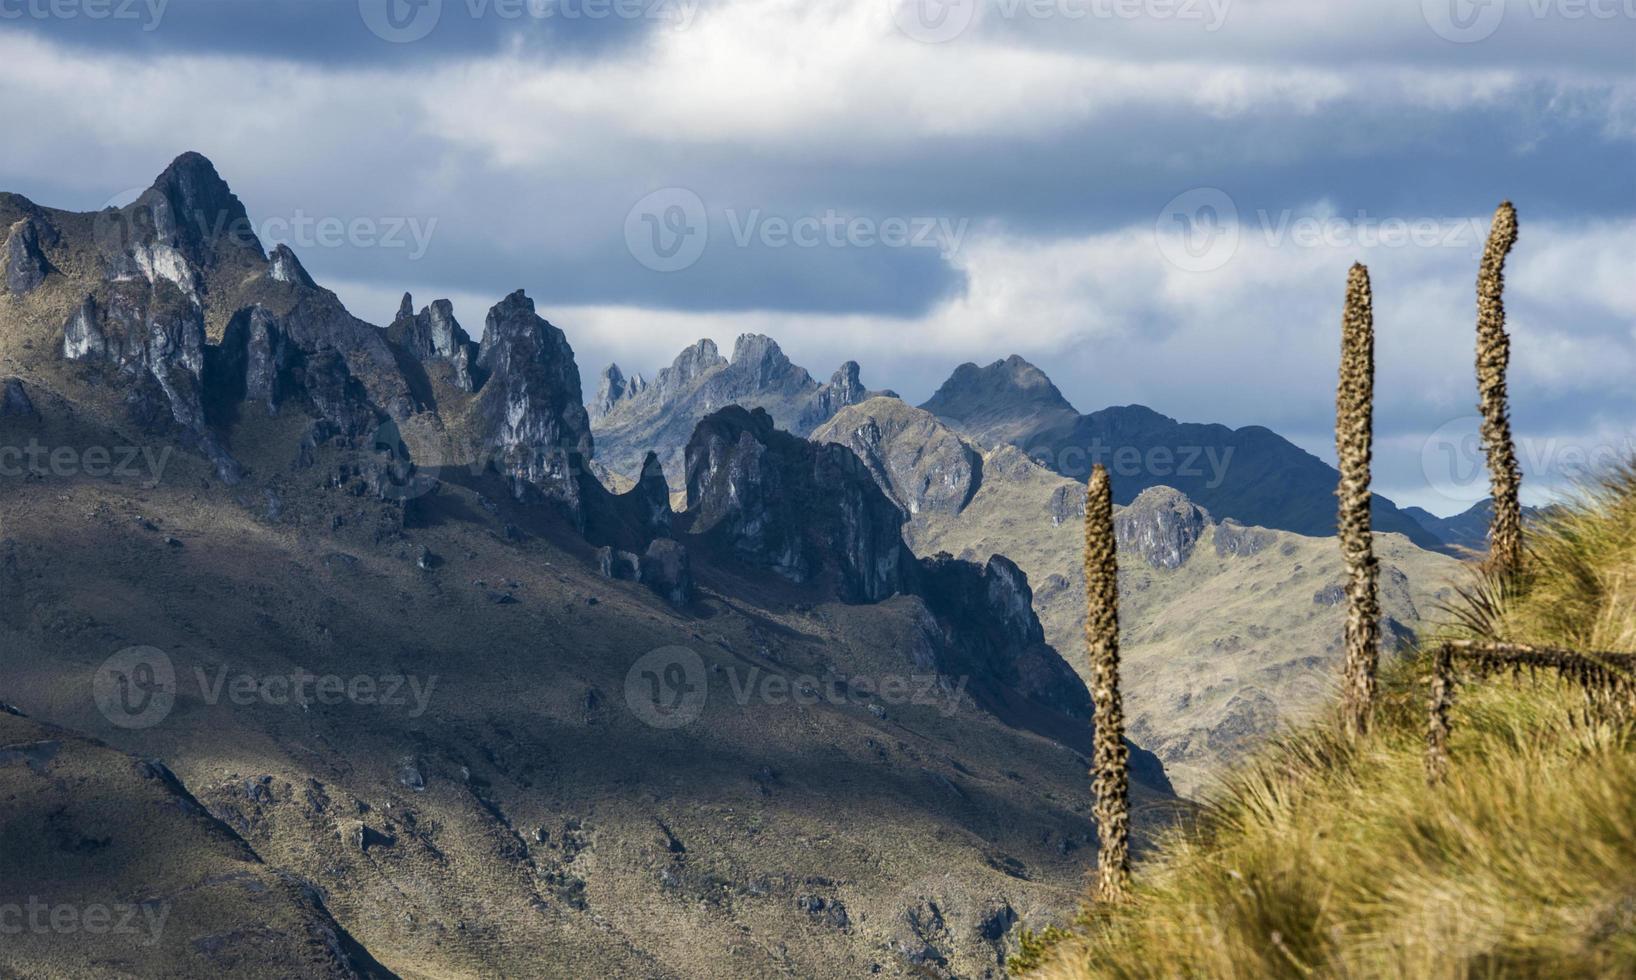 parque nacional cajas, planalto andino, equador foto